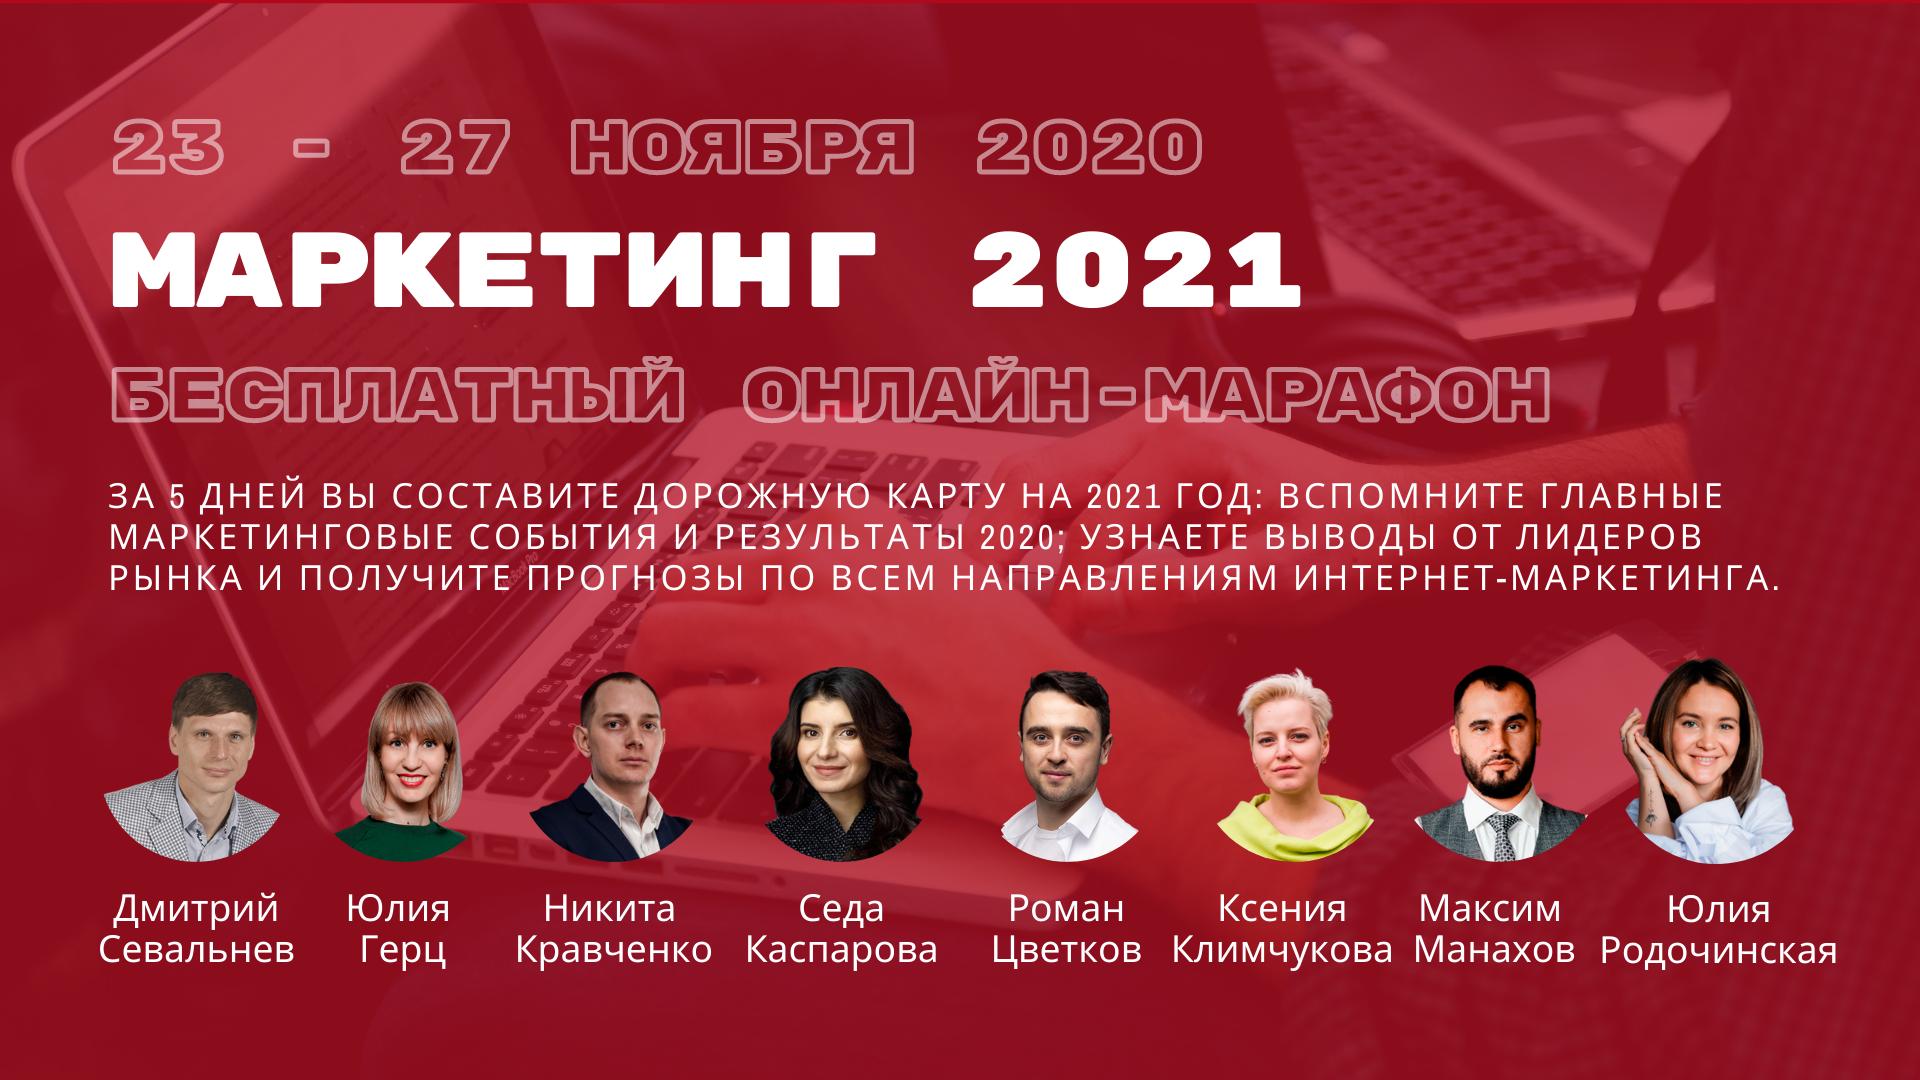 Маркетинг 2021